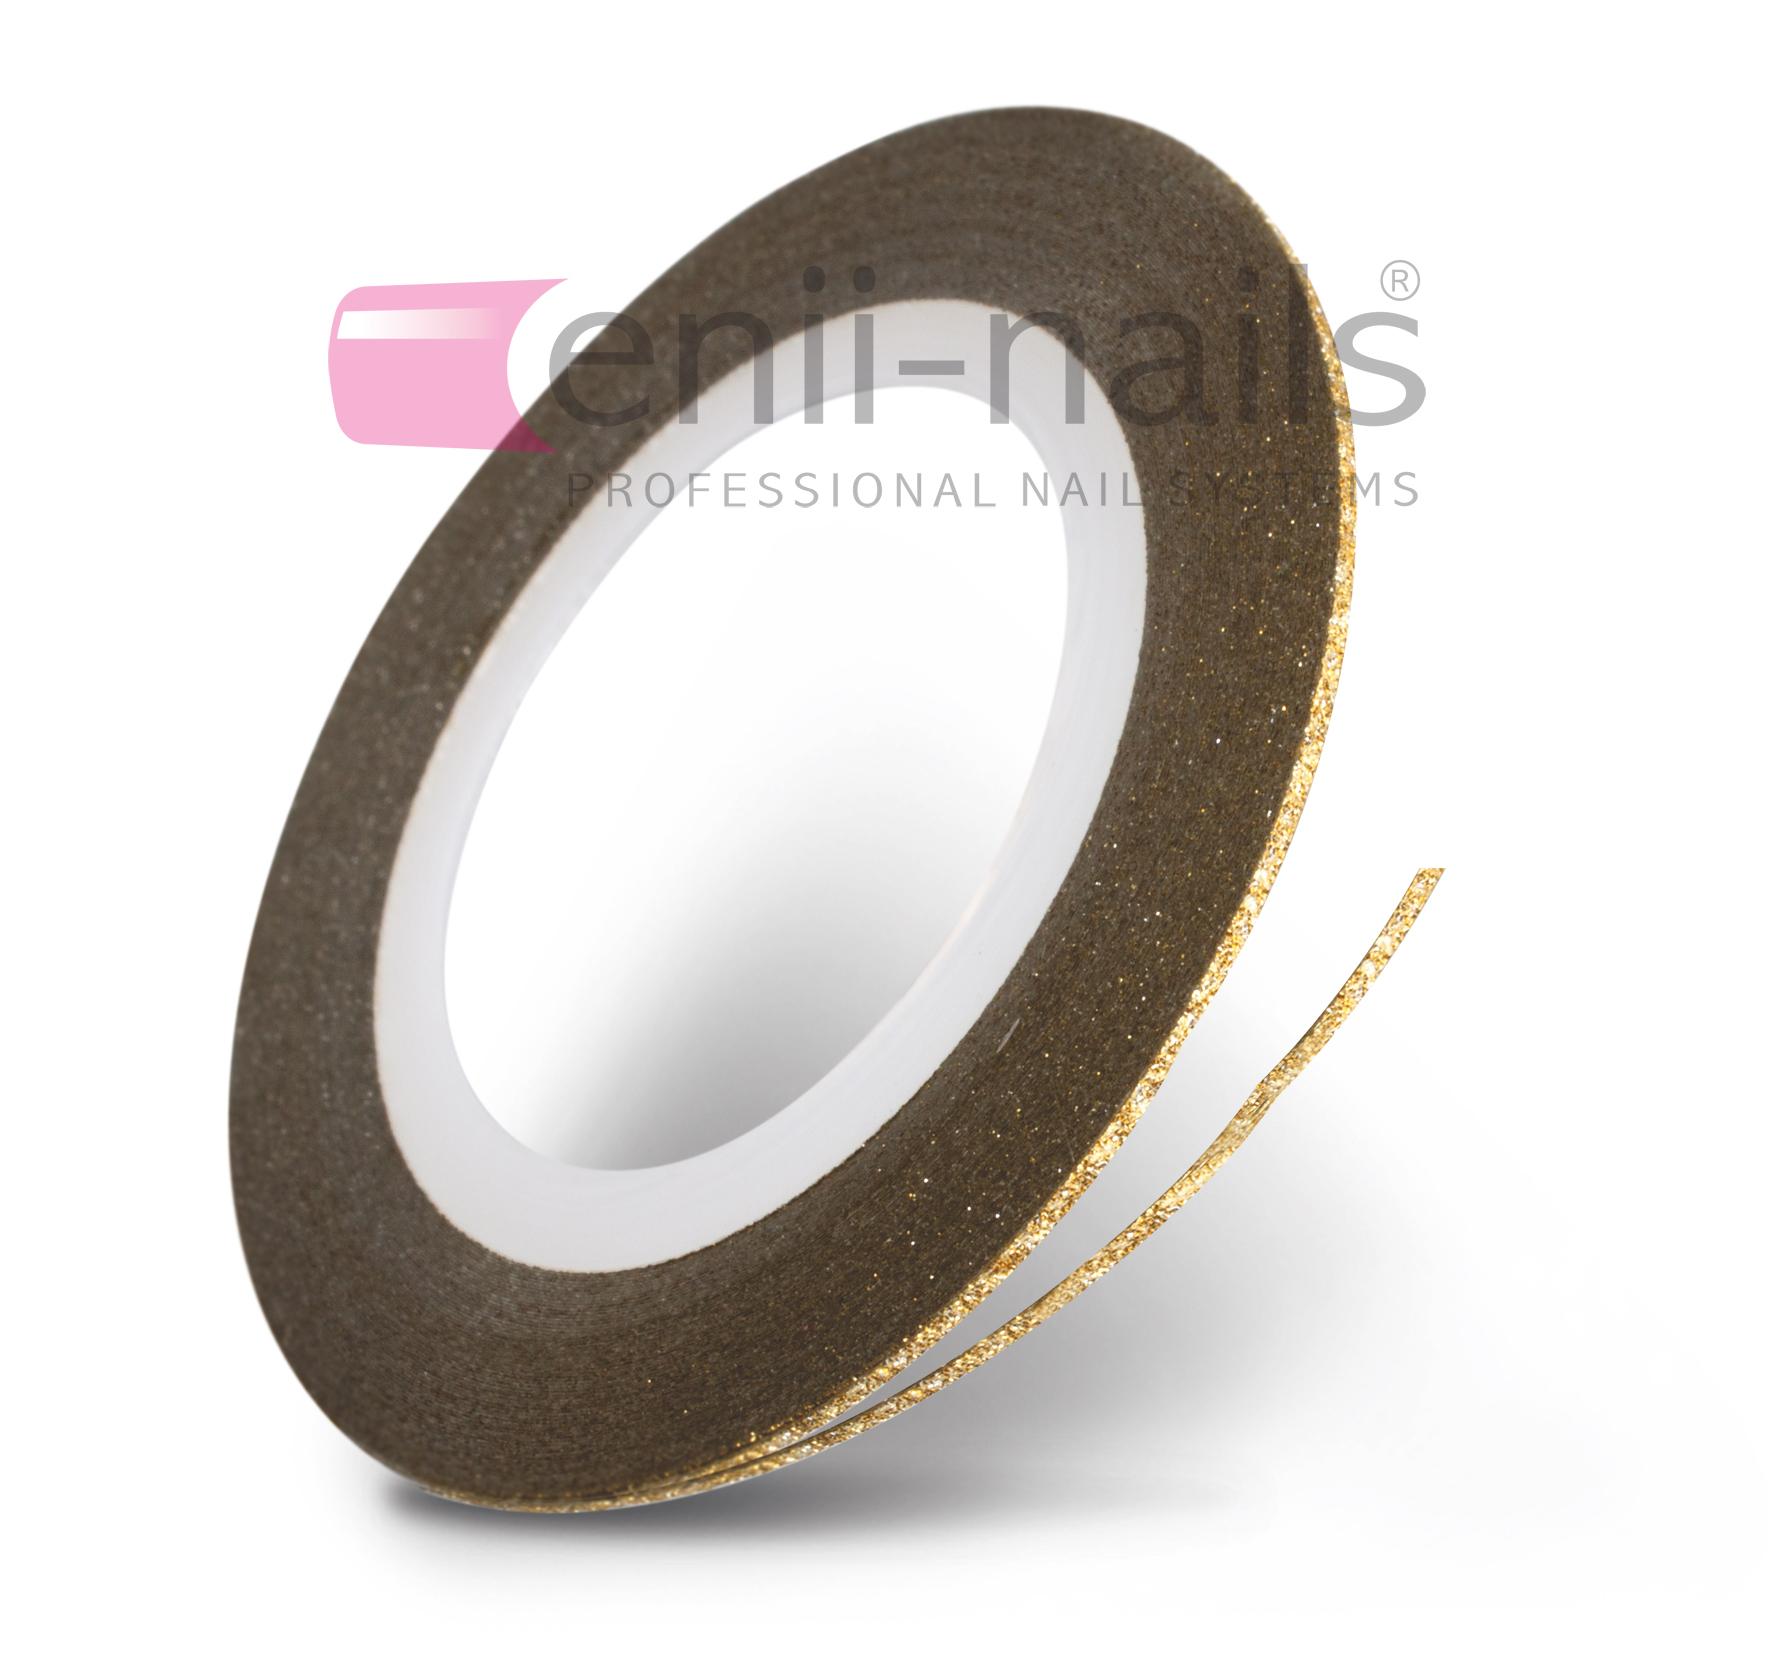 ENII-NAILS Nail art glitrová páska - zlatá, 1 mm